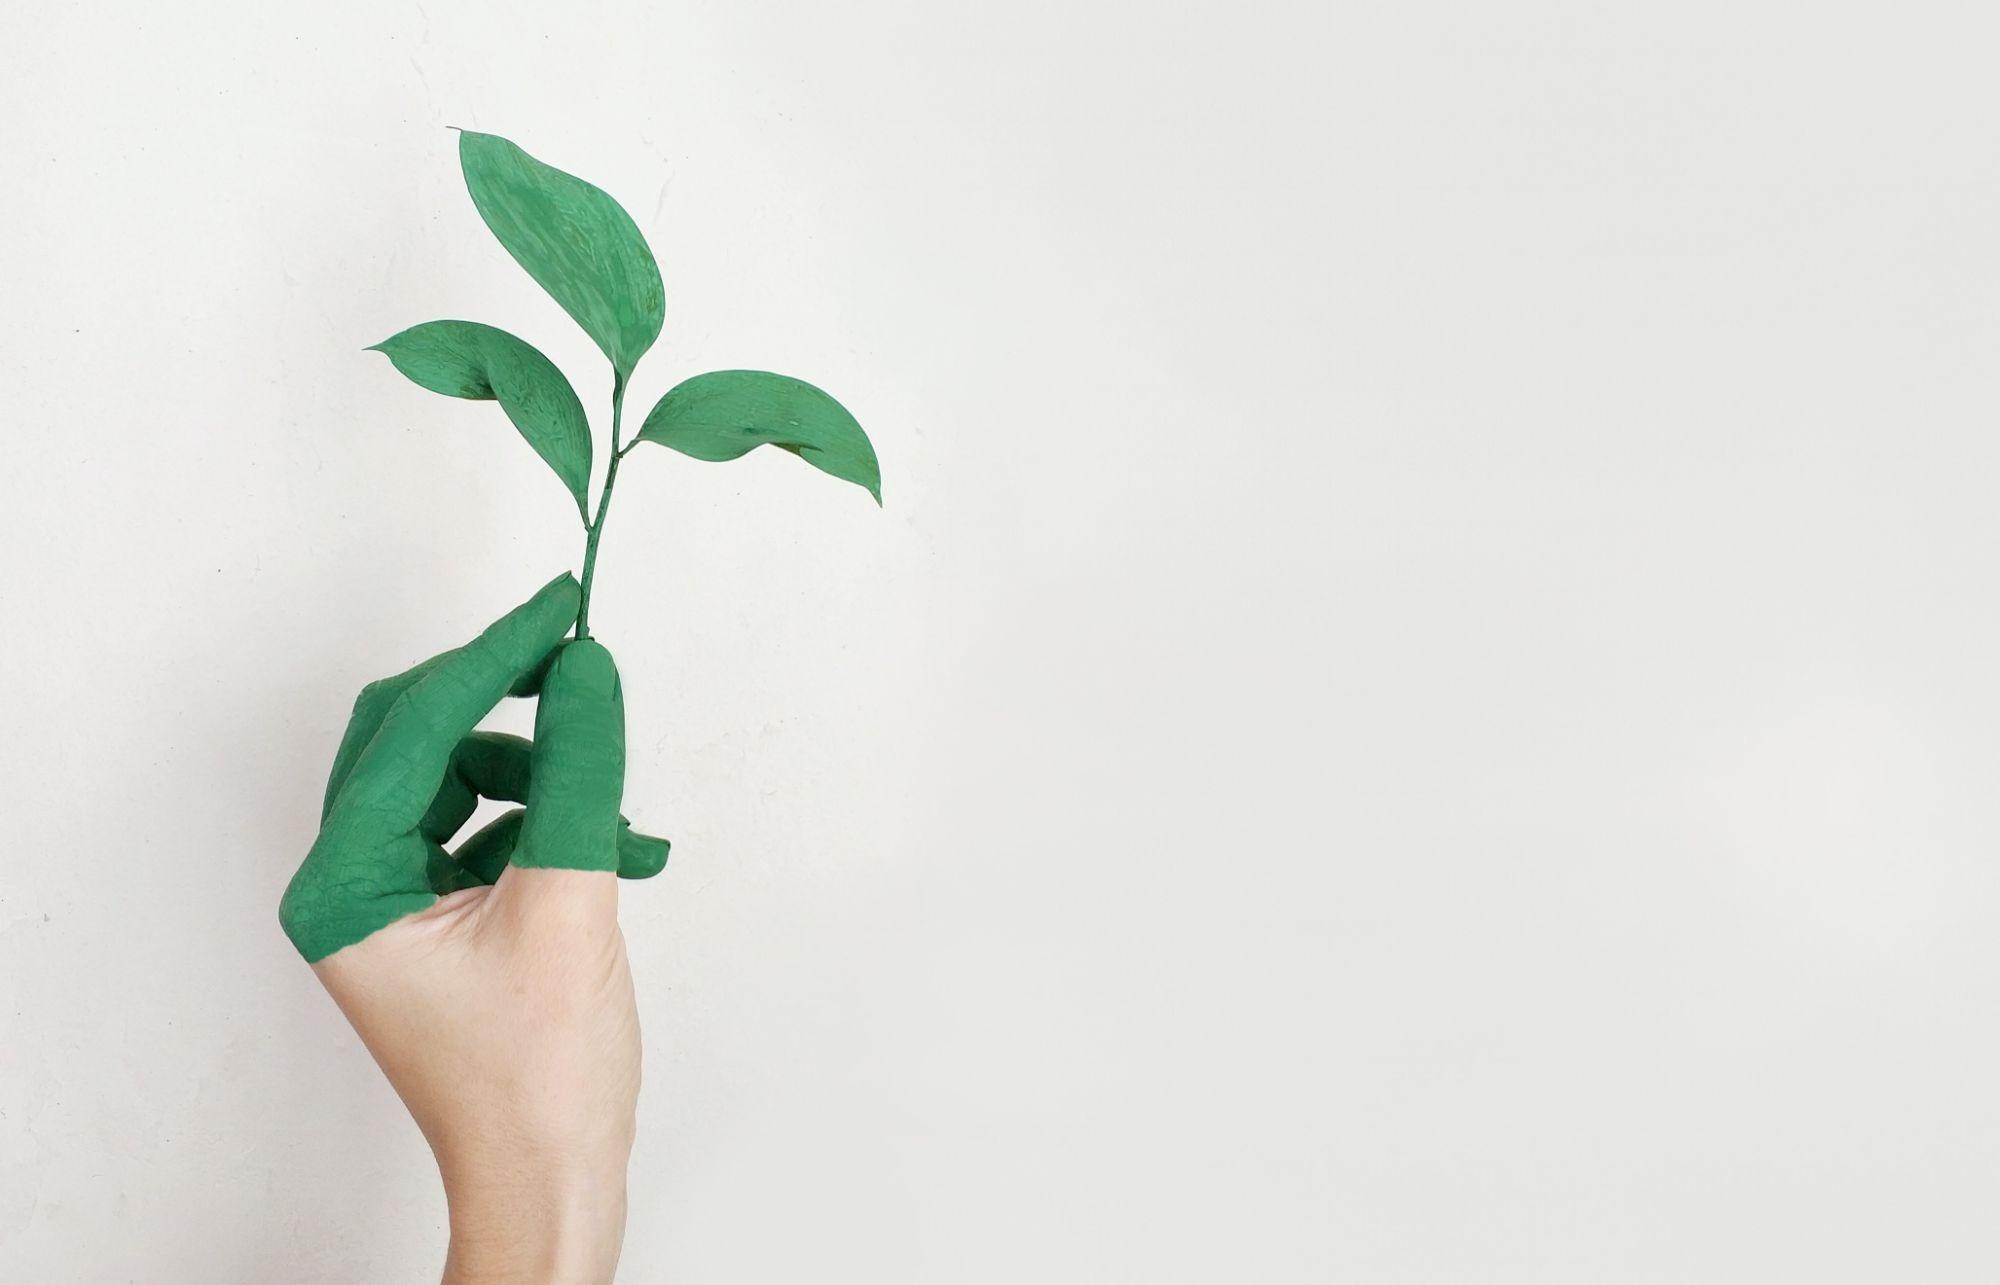 Joy per la salvaguardia dell'ambiente